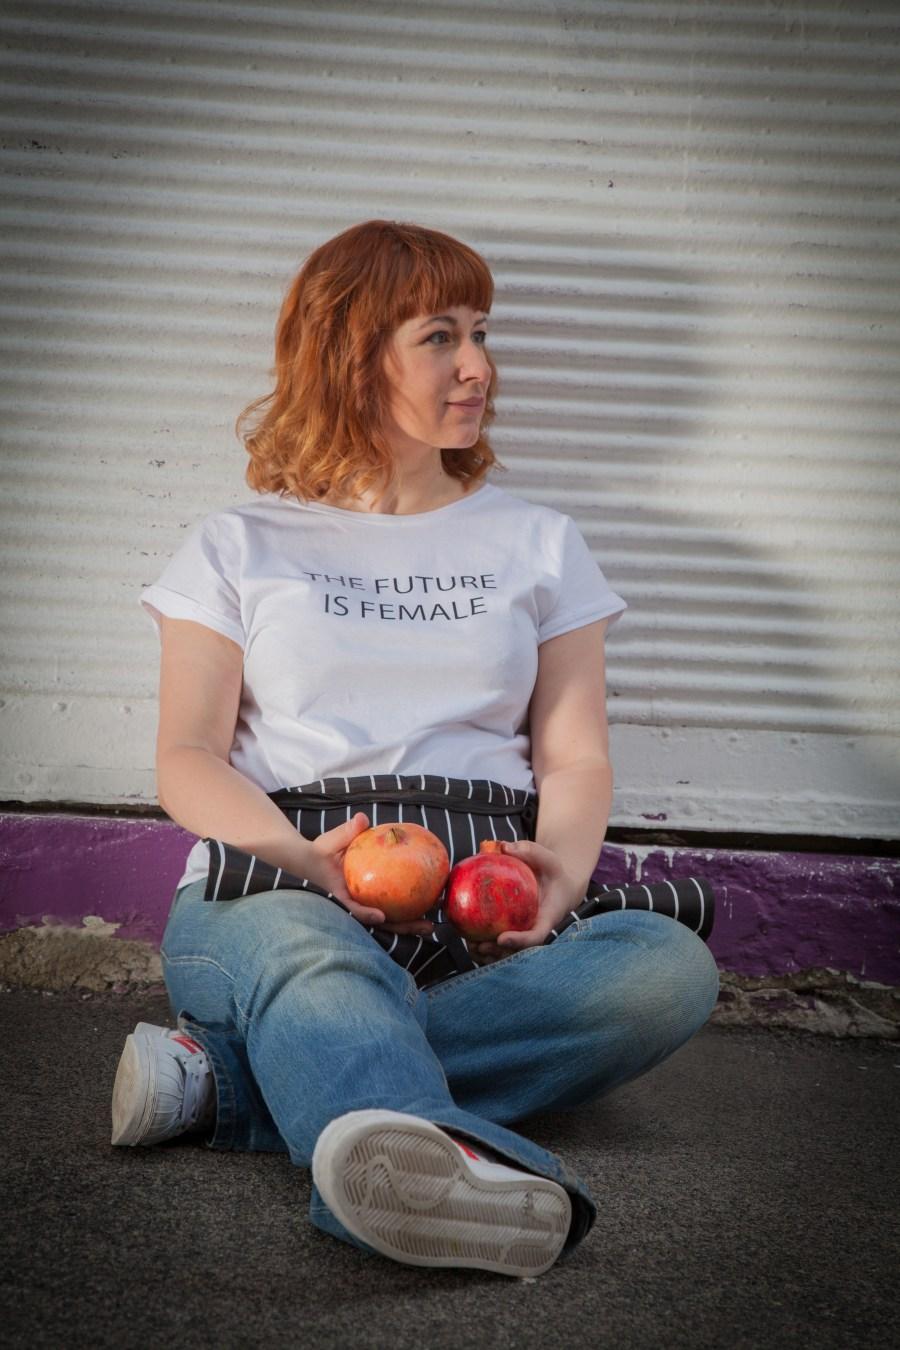 Ella Josephine Esque, Ella Esque, Freiwillig aufgesprungener Granatapfel